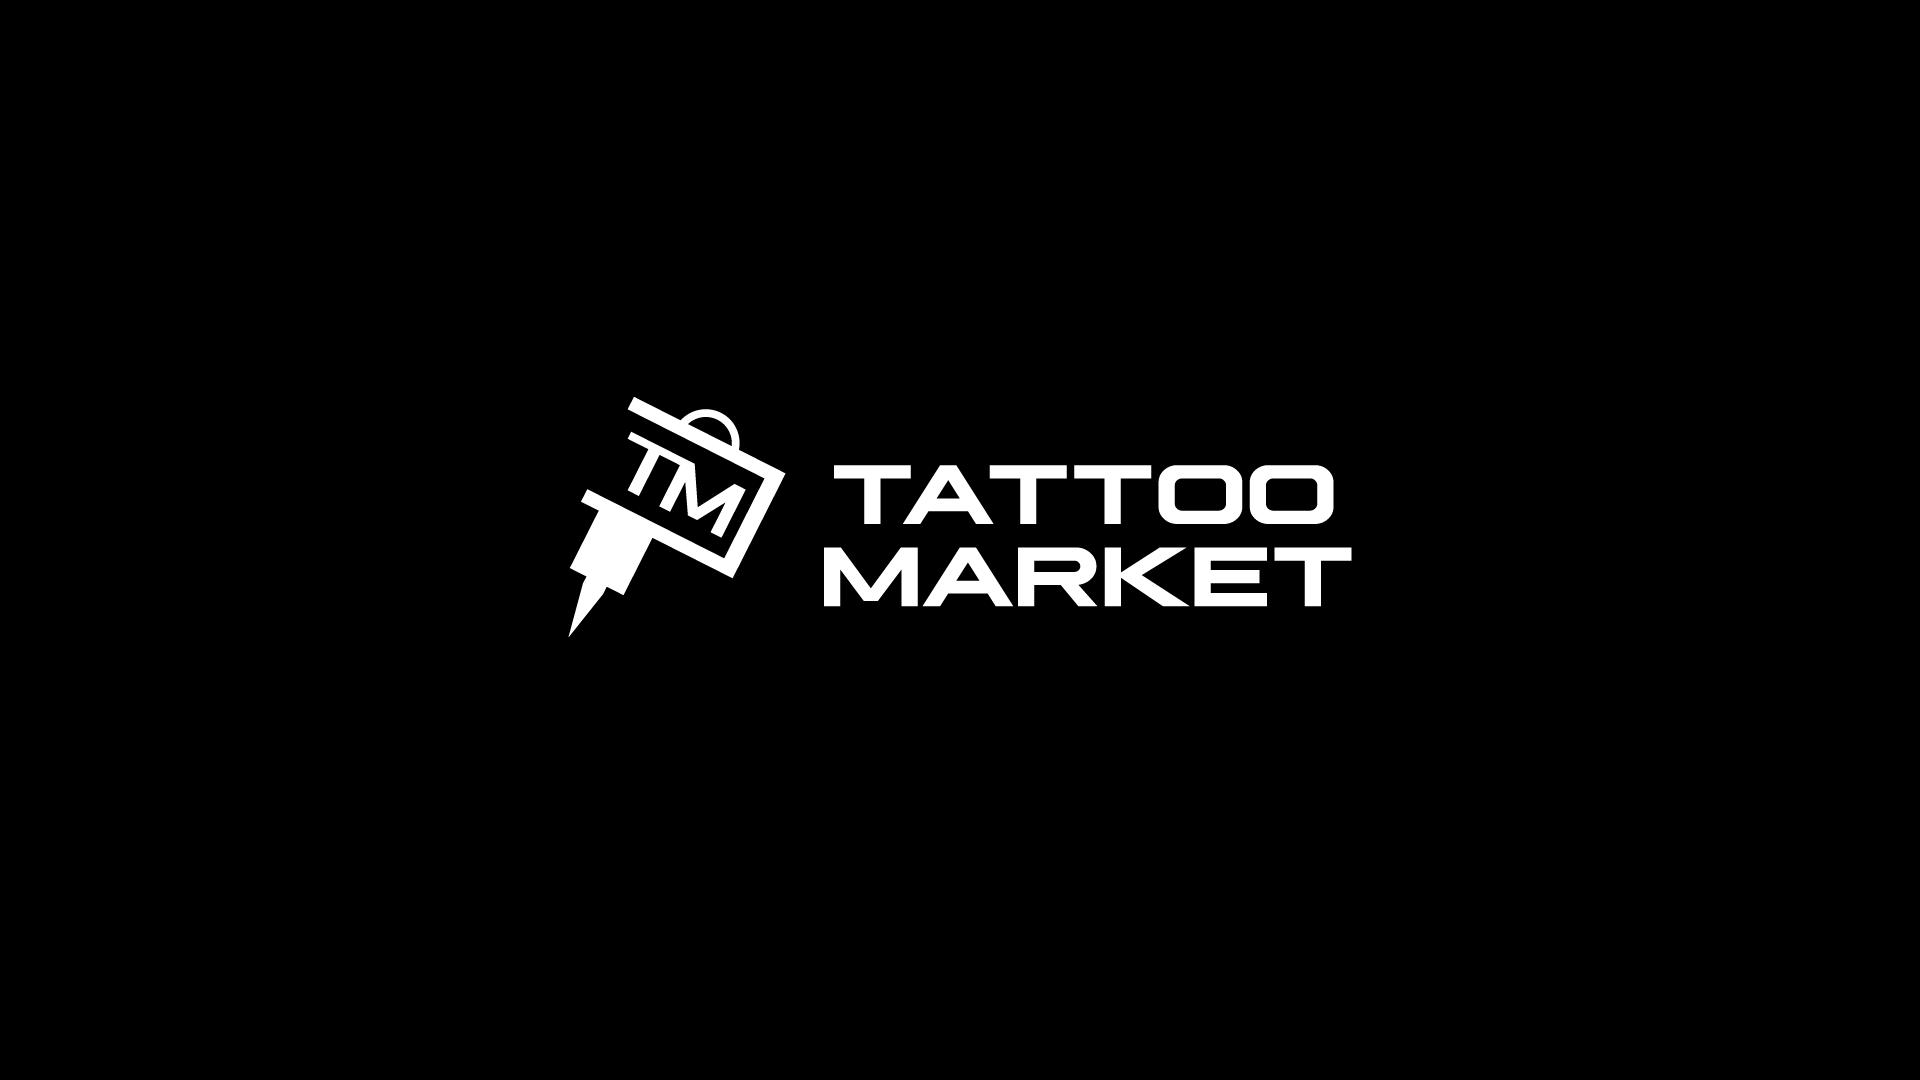 Редизайн логотипа магазина тату оборудования TattooMarket.ru фото f_9815c408c69e8d8a.png